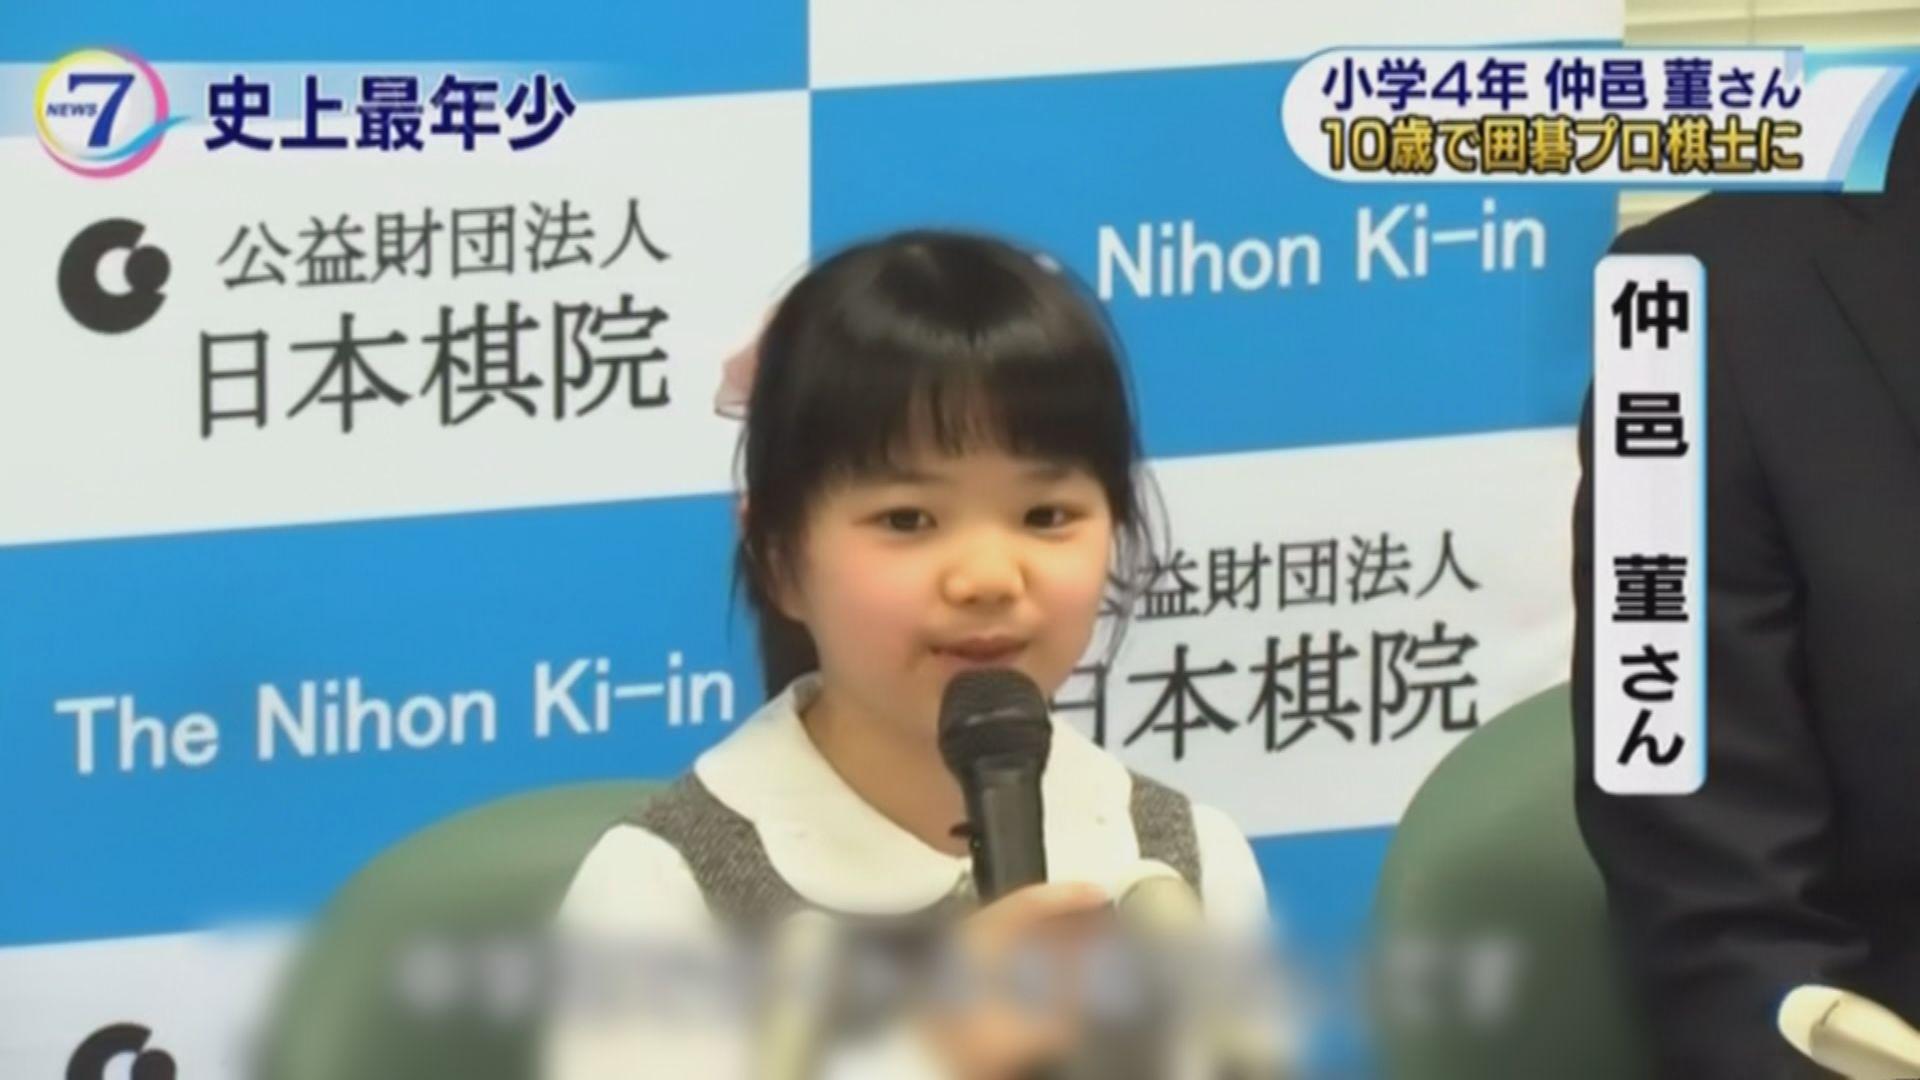 日本十歲女童將成最年輕圍棋手